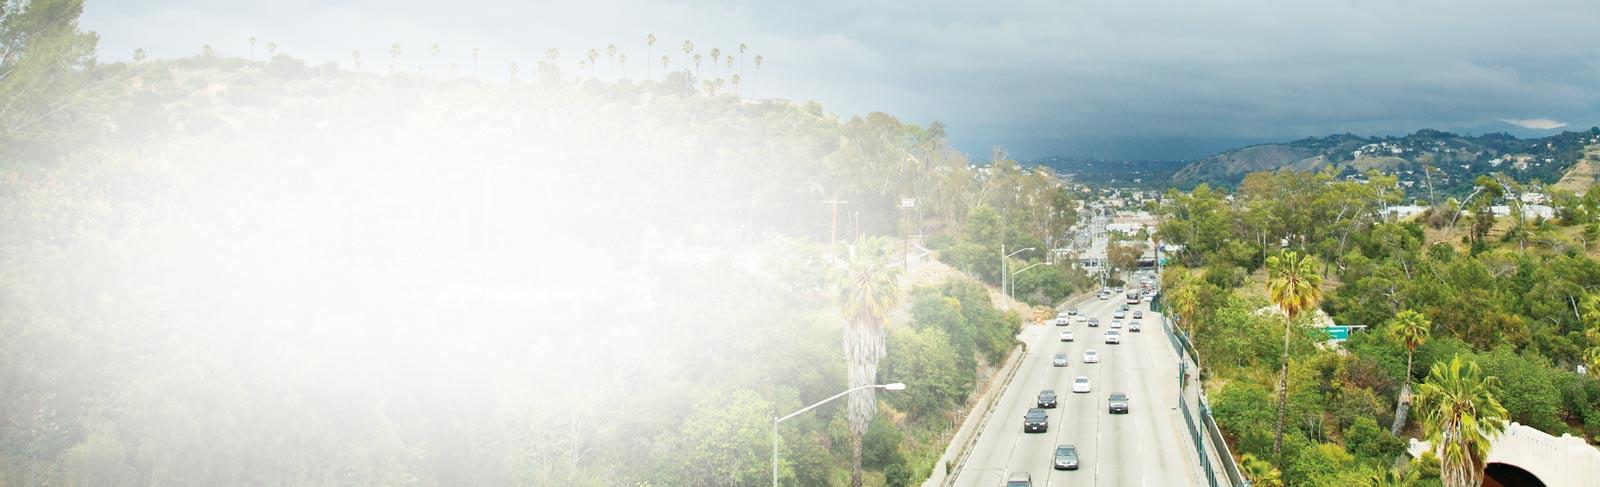 Autostrada che conduce a una città. Leggi le storie di clienti di SharePoint 2013 di tutto il mondo.